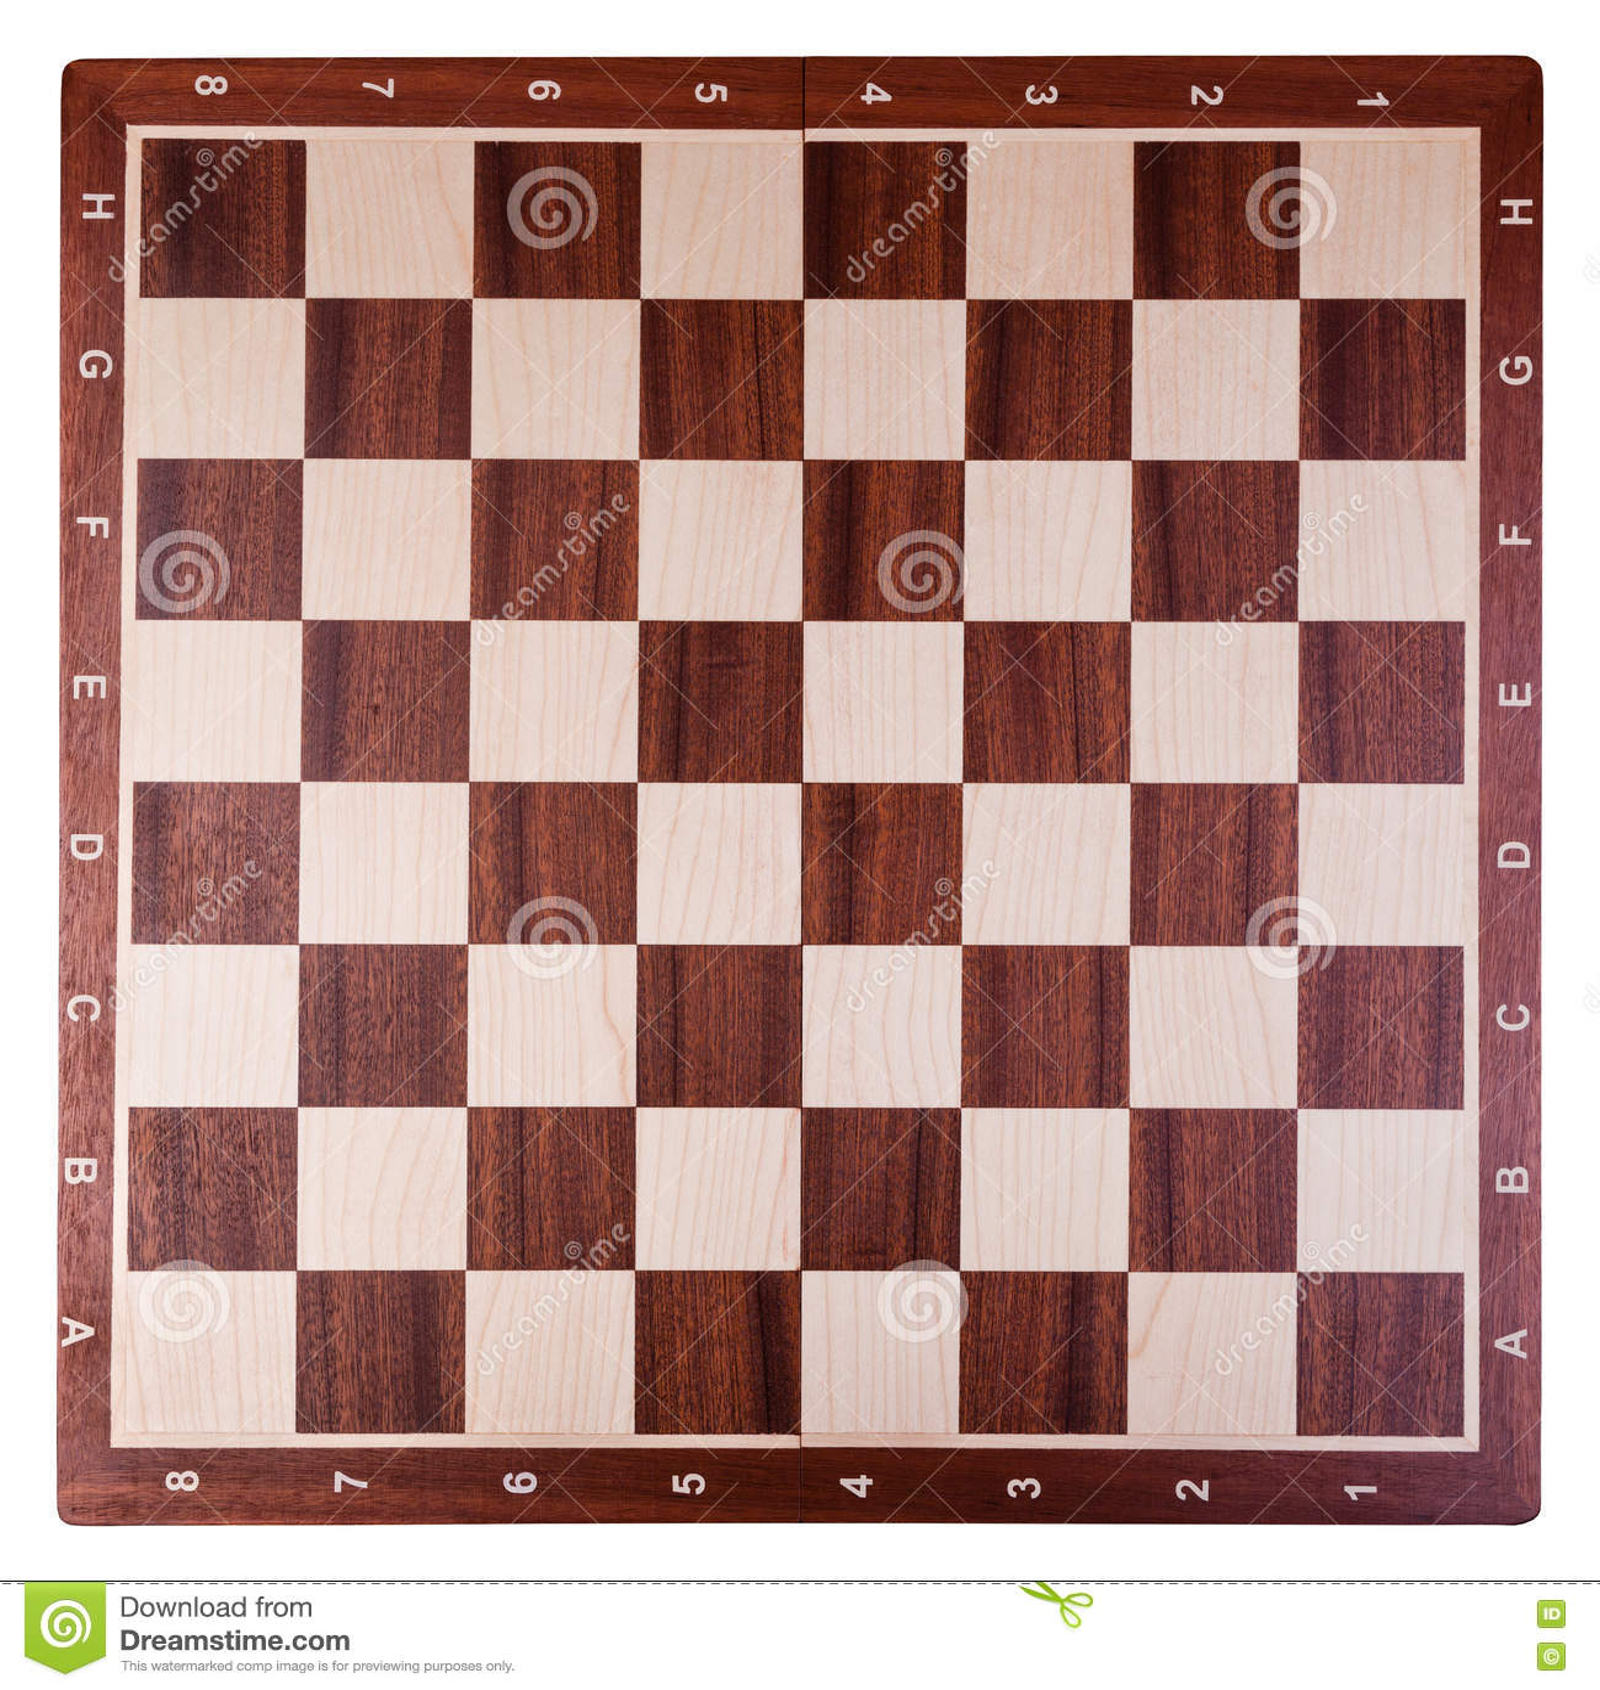 почерните ответную часть потери highlight игры конца шахмат проверки дела доски monochrome метафоры над успехом стратегии принима